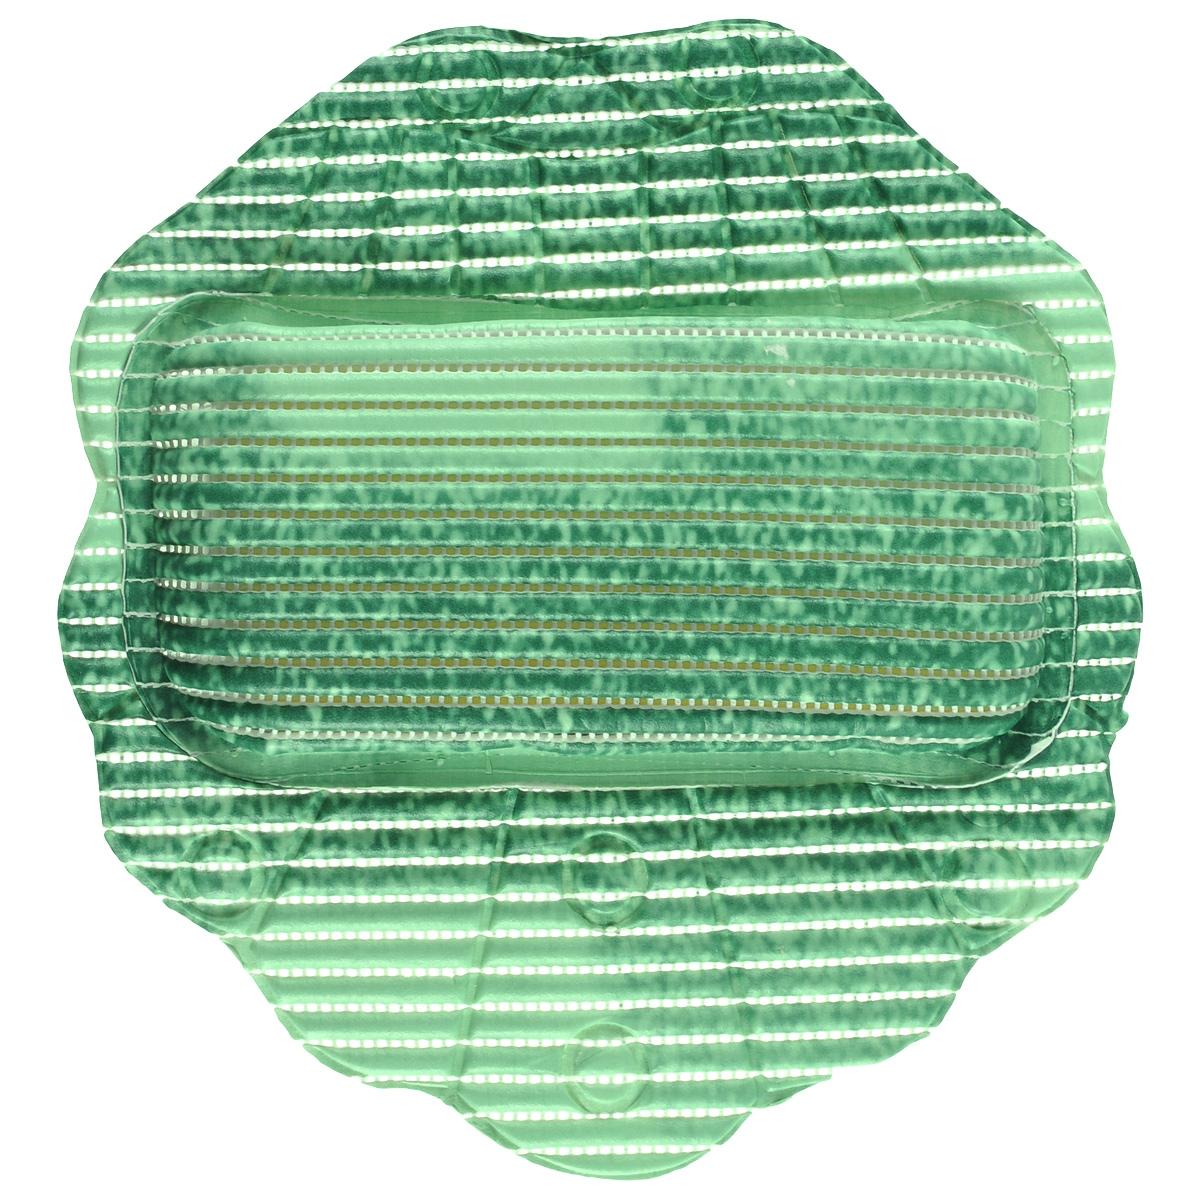 Подушка для ванны Fresh Code Flexy, цвет: зеленый, 33 х 33 см55764 зеленыйПодушка для ванны Fresh Code Flexy обеспечивает комфорт во время принятия ванны. Крепится на поверхность ванной с помощью присосок. Выполнена из ПВХ.